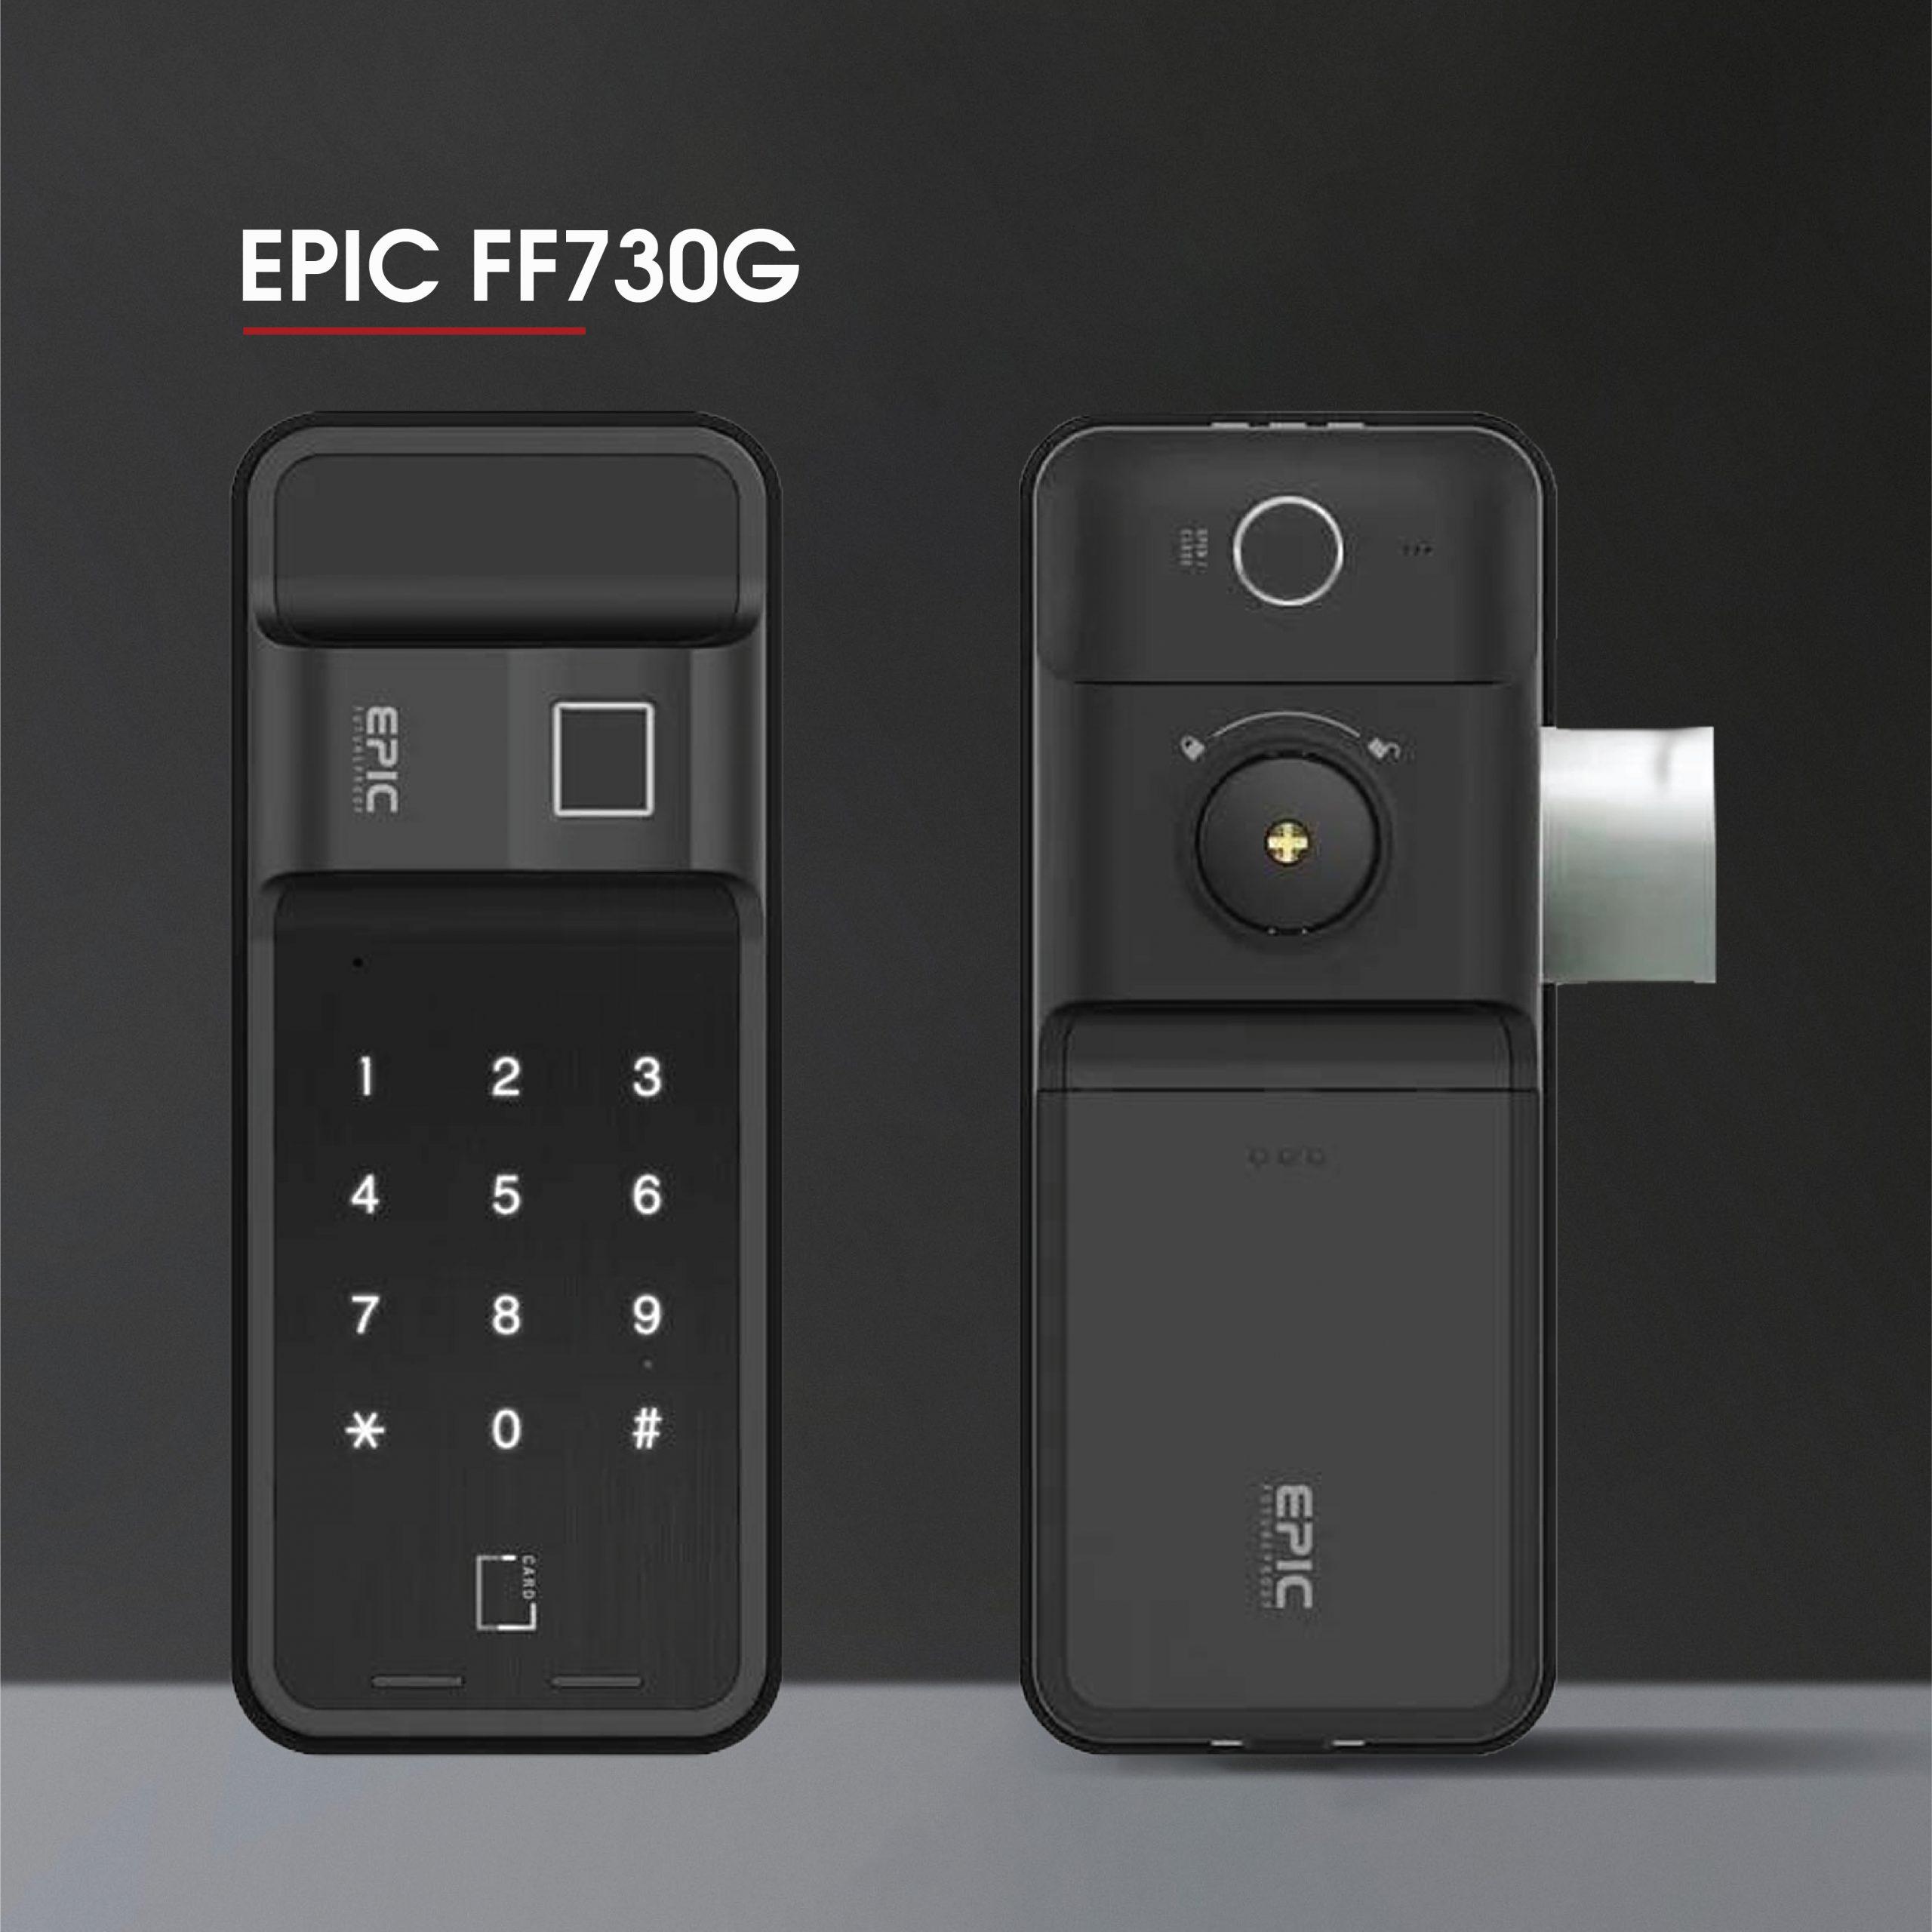 khoa-cua-dien-tu-epic-es-ff730g